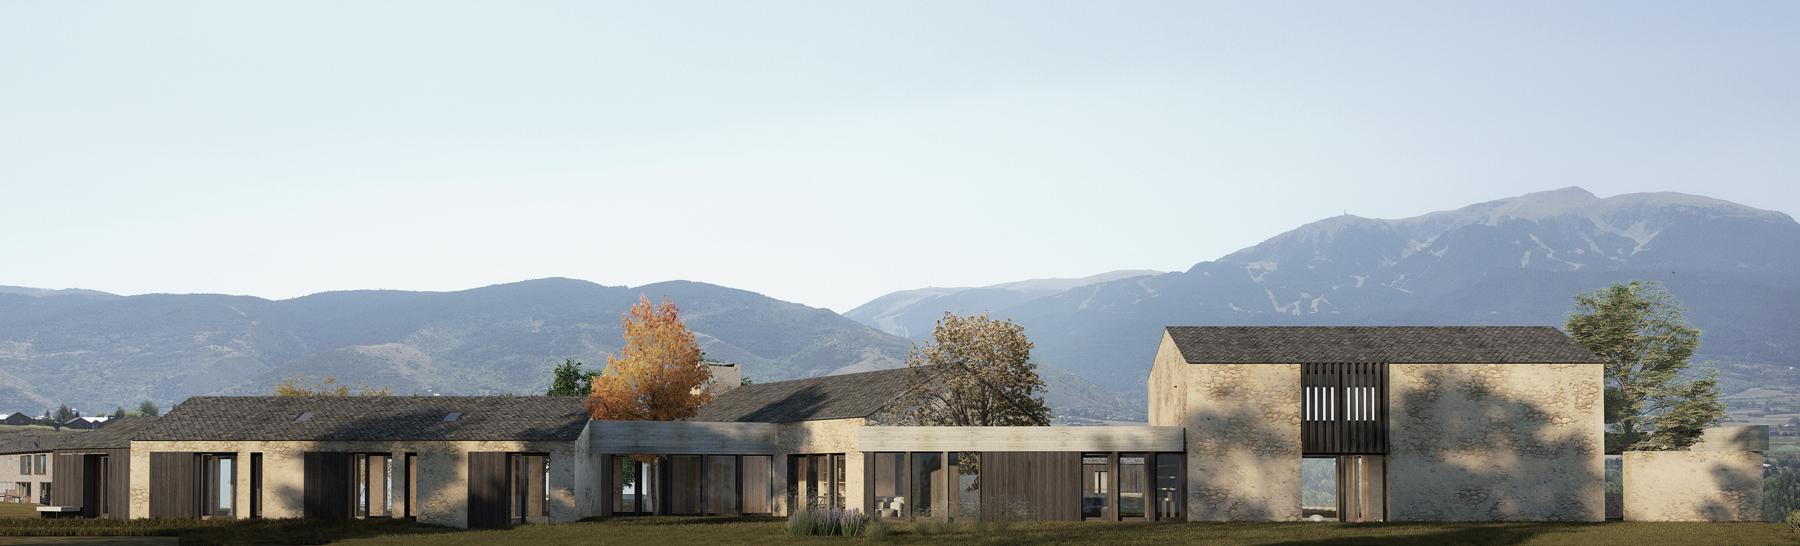 73-Casas en la Cerdanya- Damian Ribas arquitectura